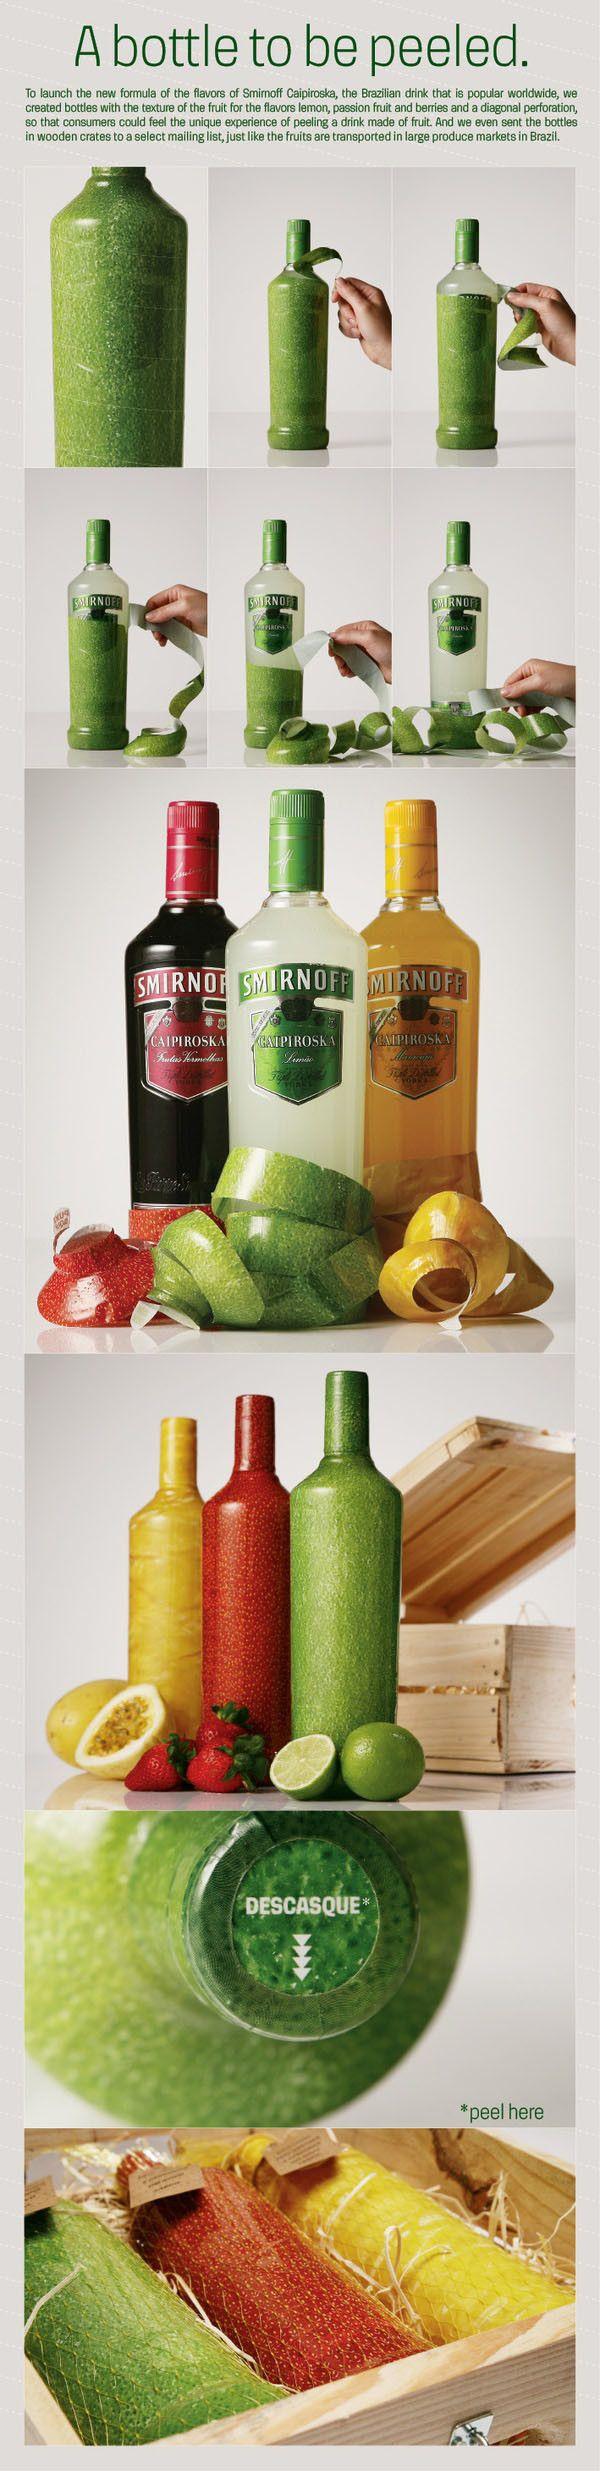 스미노프 패키지Smirnoff Caipiroska packaging